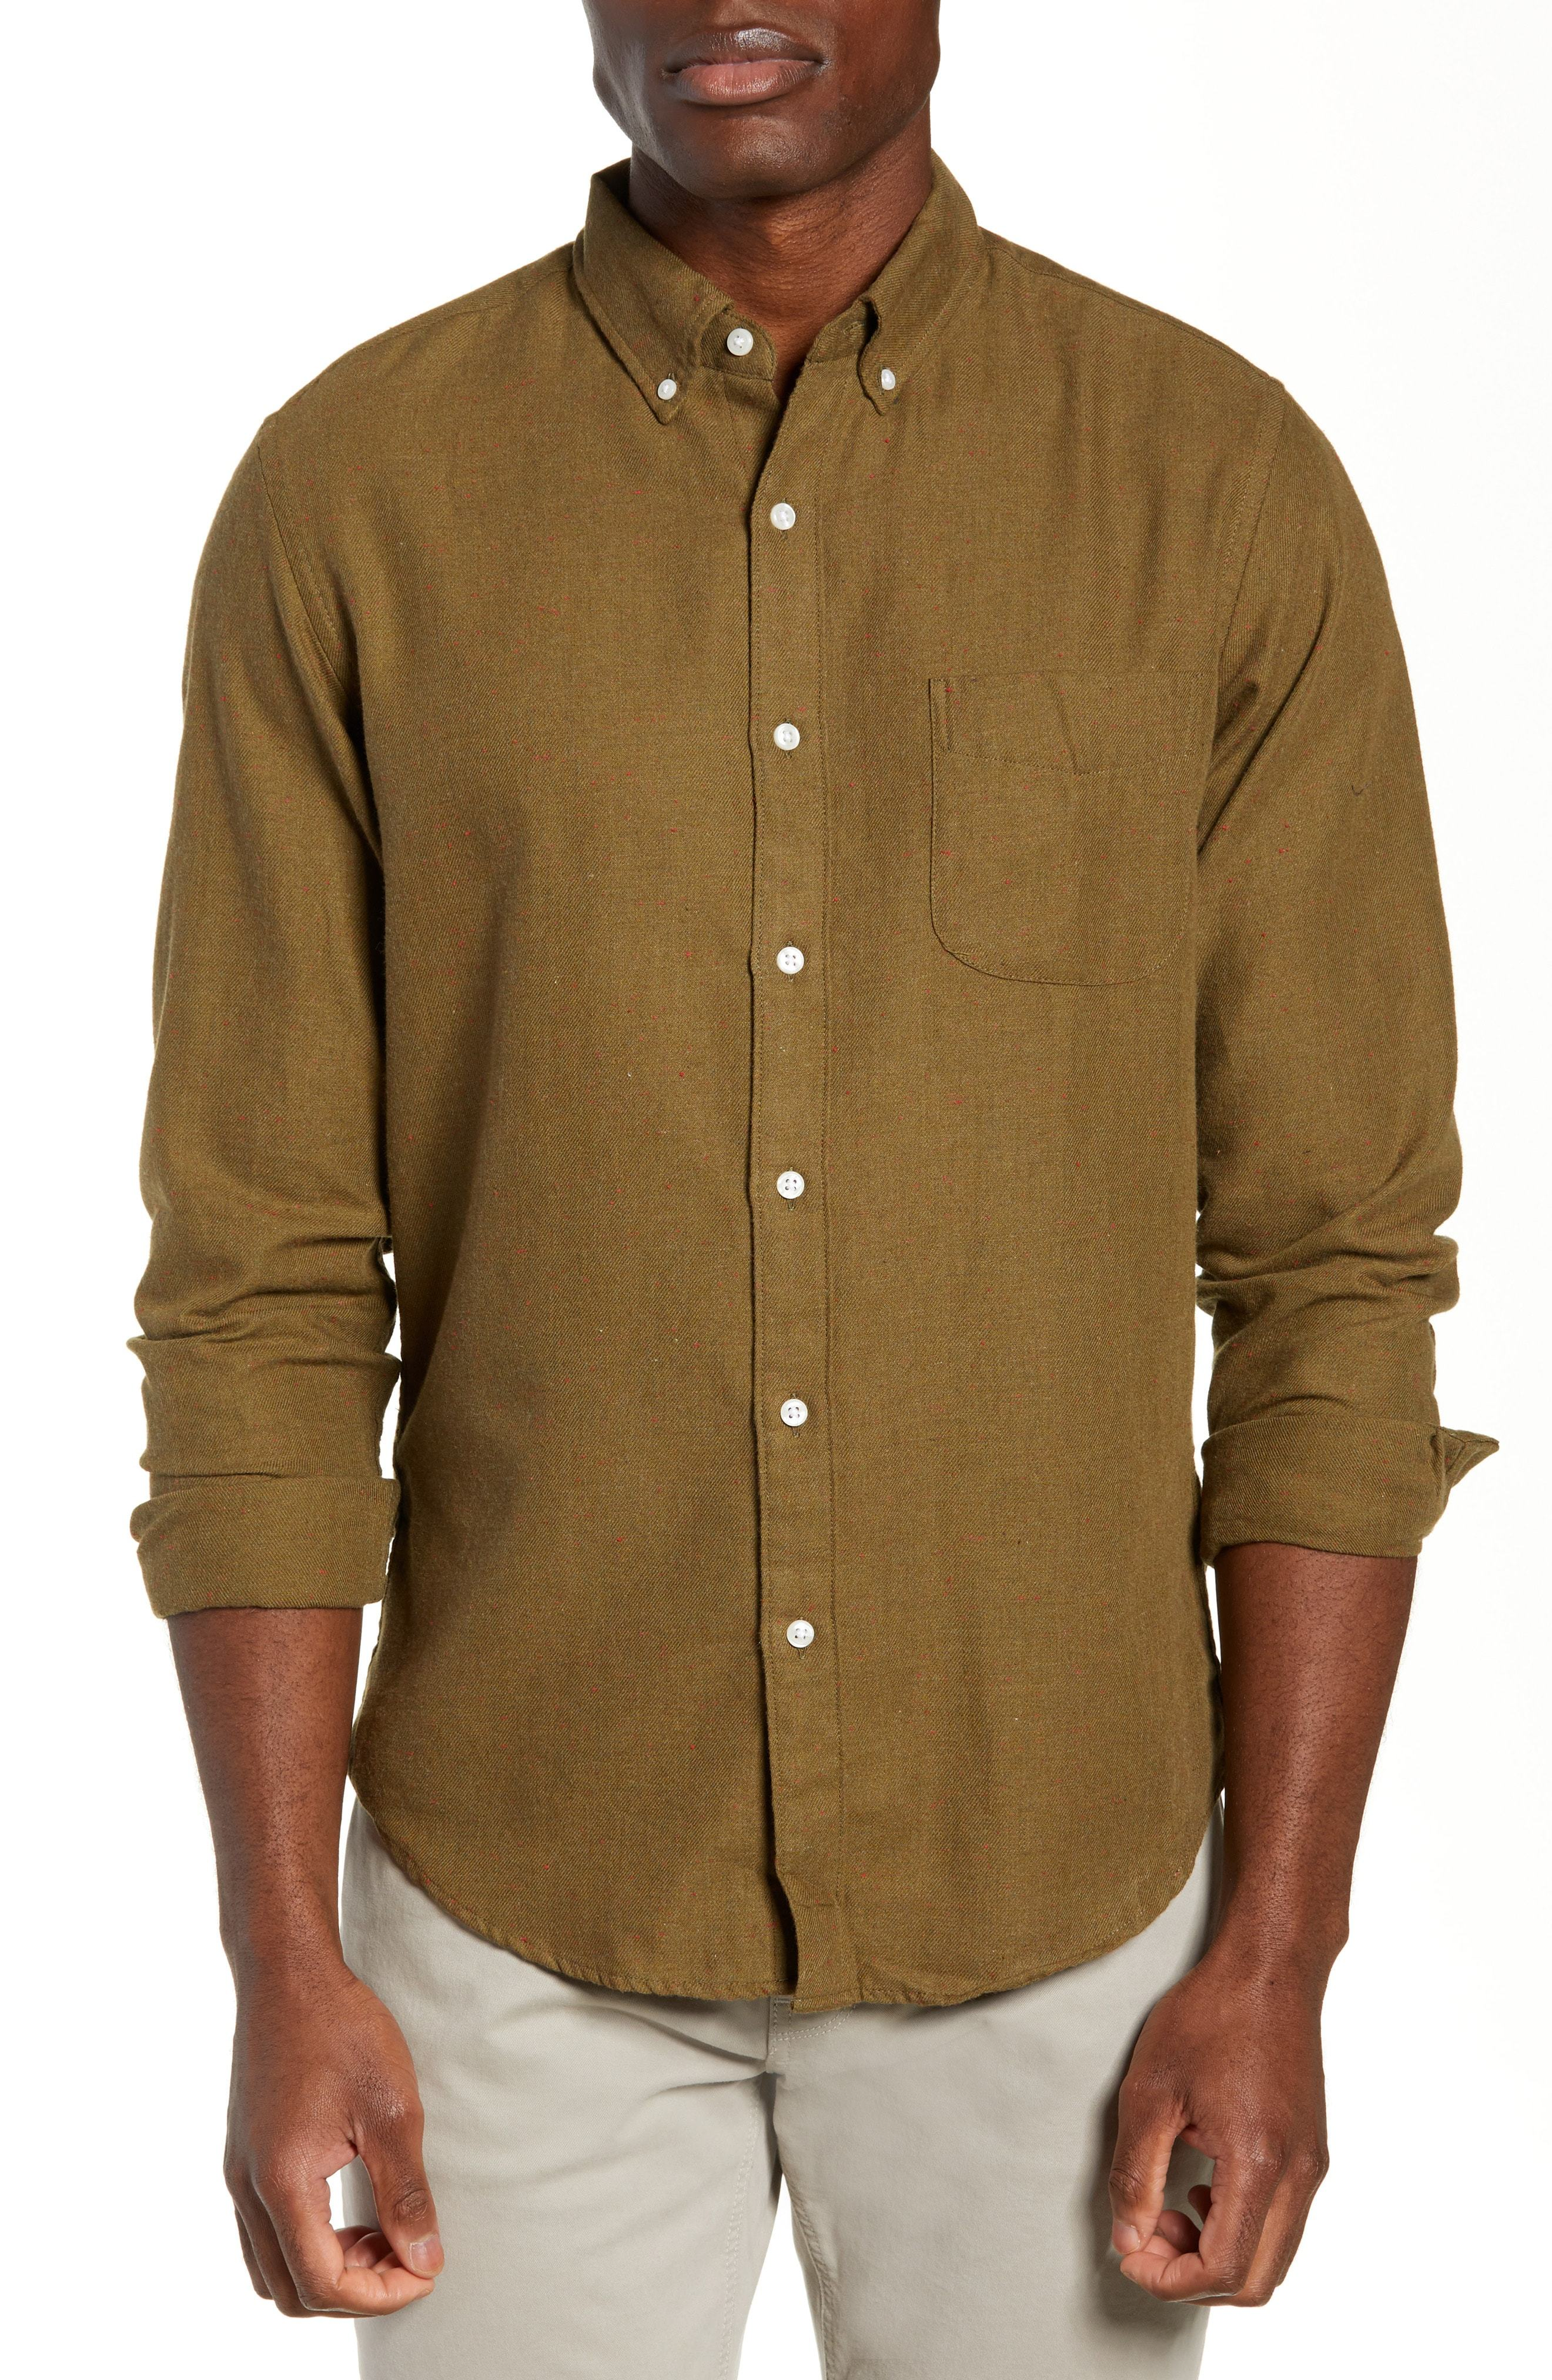 a245950a4f0e J.Crew Slim Fit Neppy Twill Sport Shirt, $41 | Nordstrom | Lookastic.com